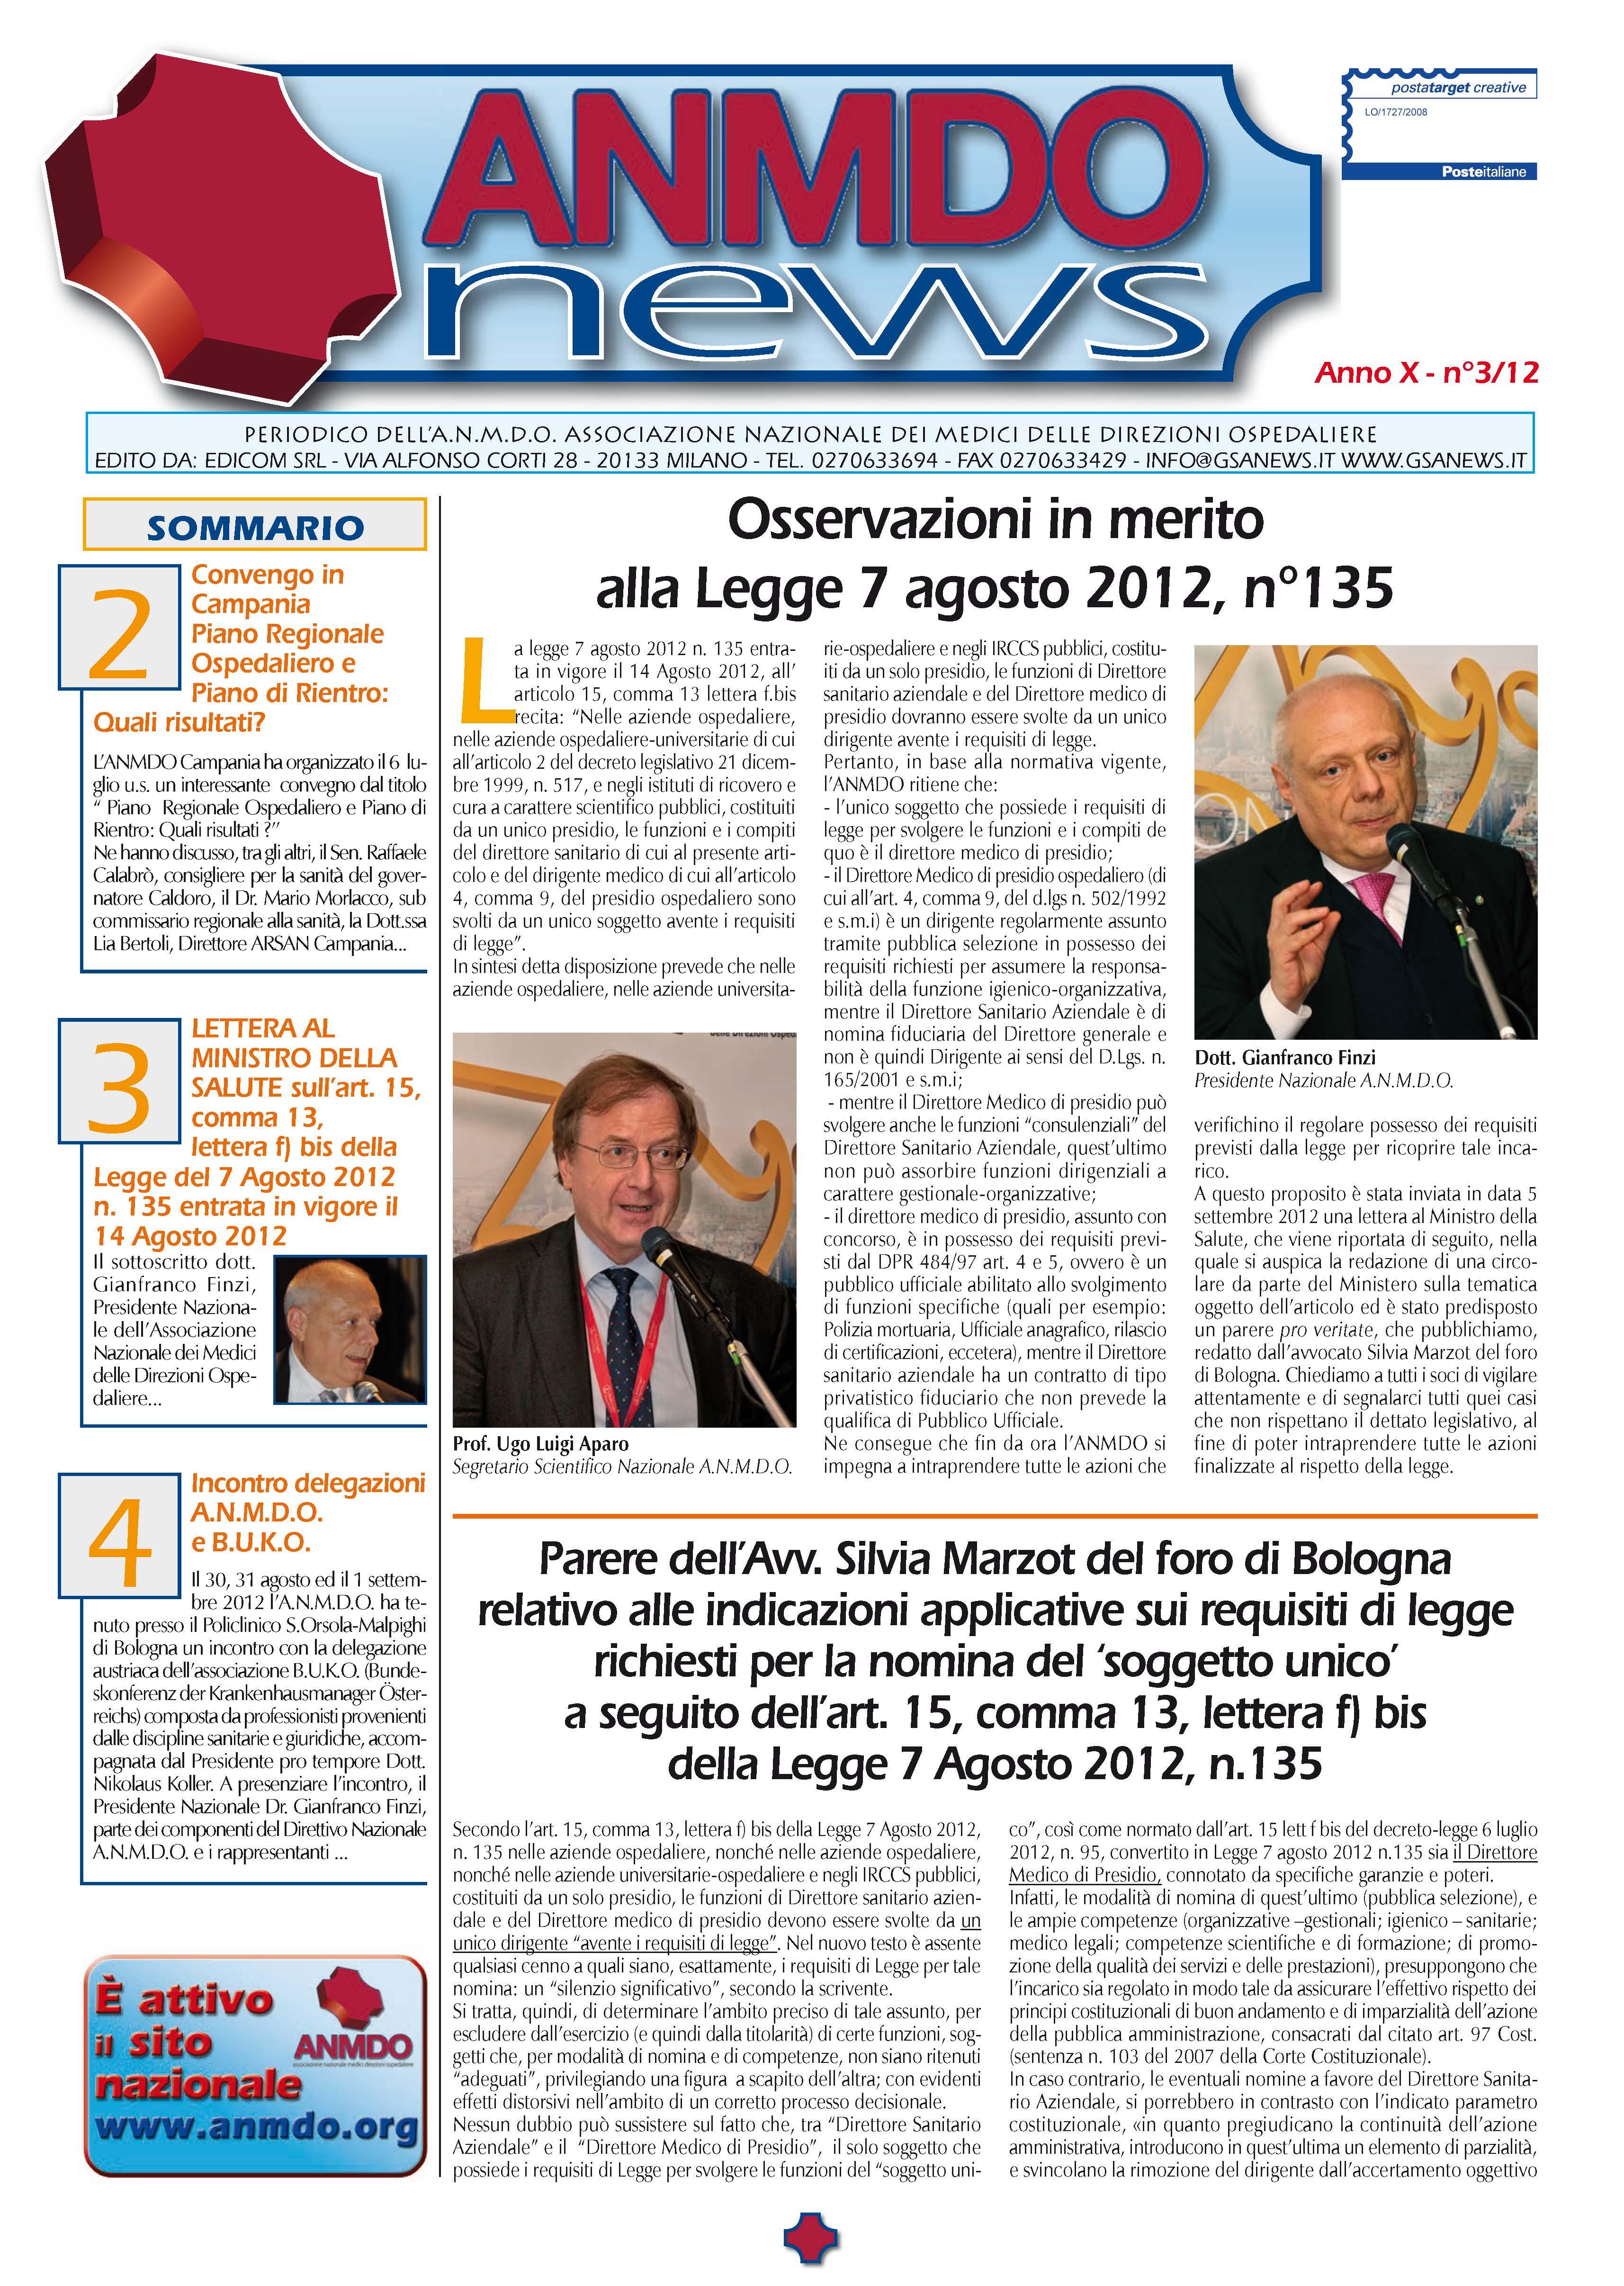 pagine-da-anmdonews_3_12